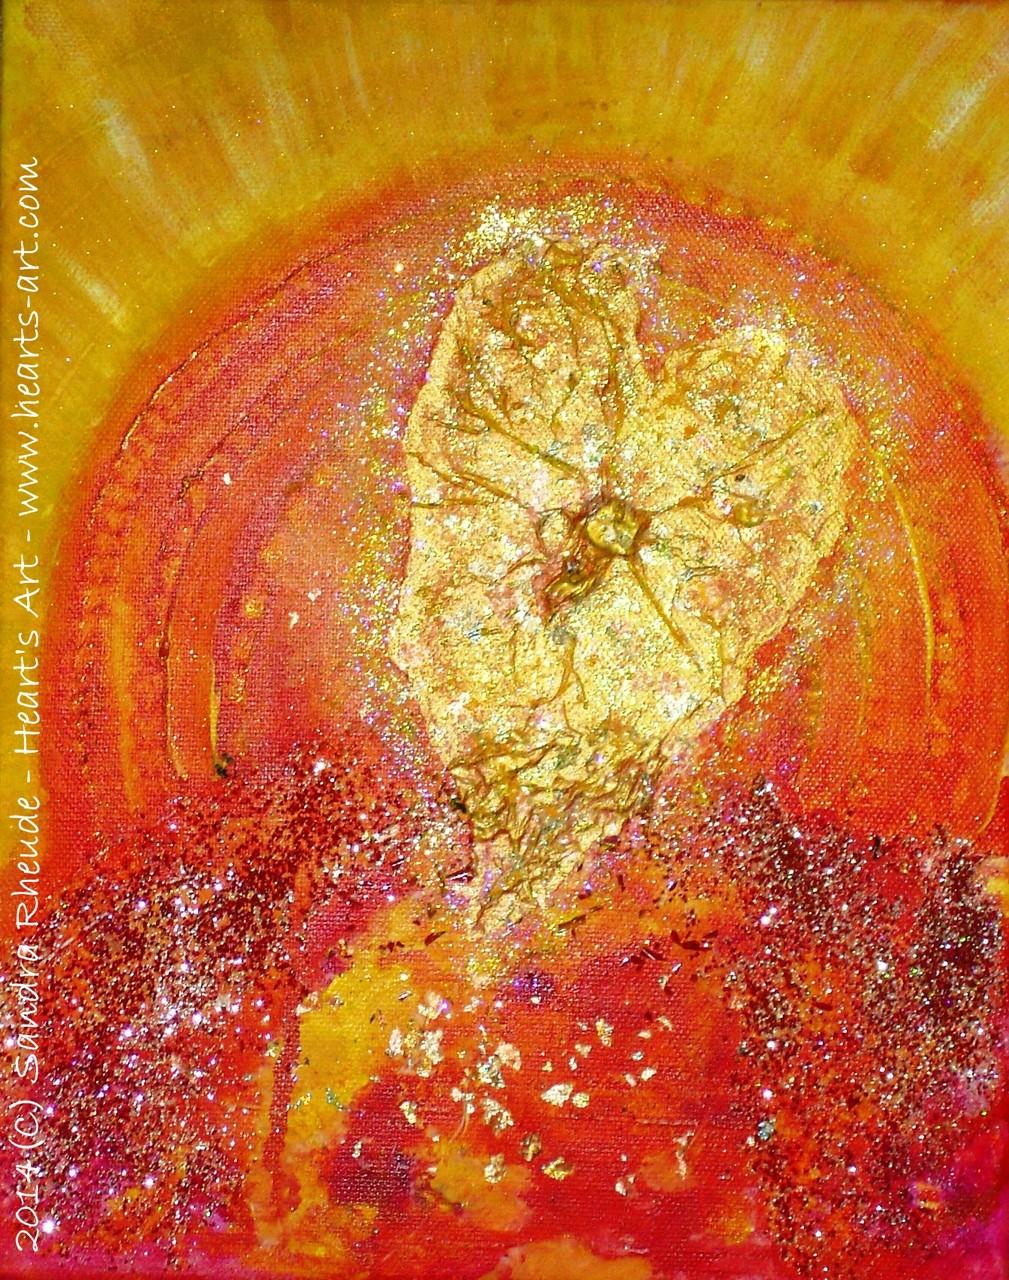 'Unfolding Heart' - 2014/4 - Acryl/MixedMedia auf Leinwand - 24 x 30 cm - verkauft (Hamburg)